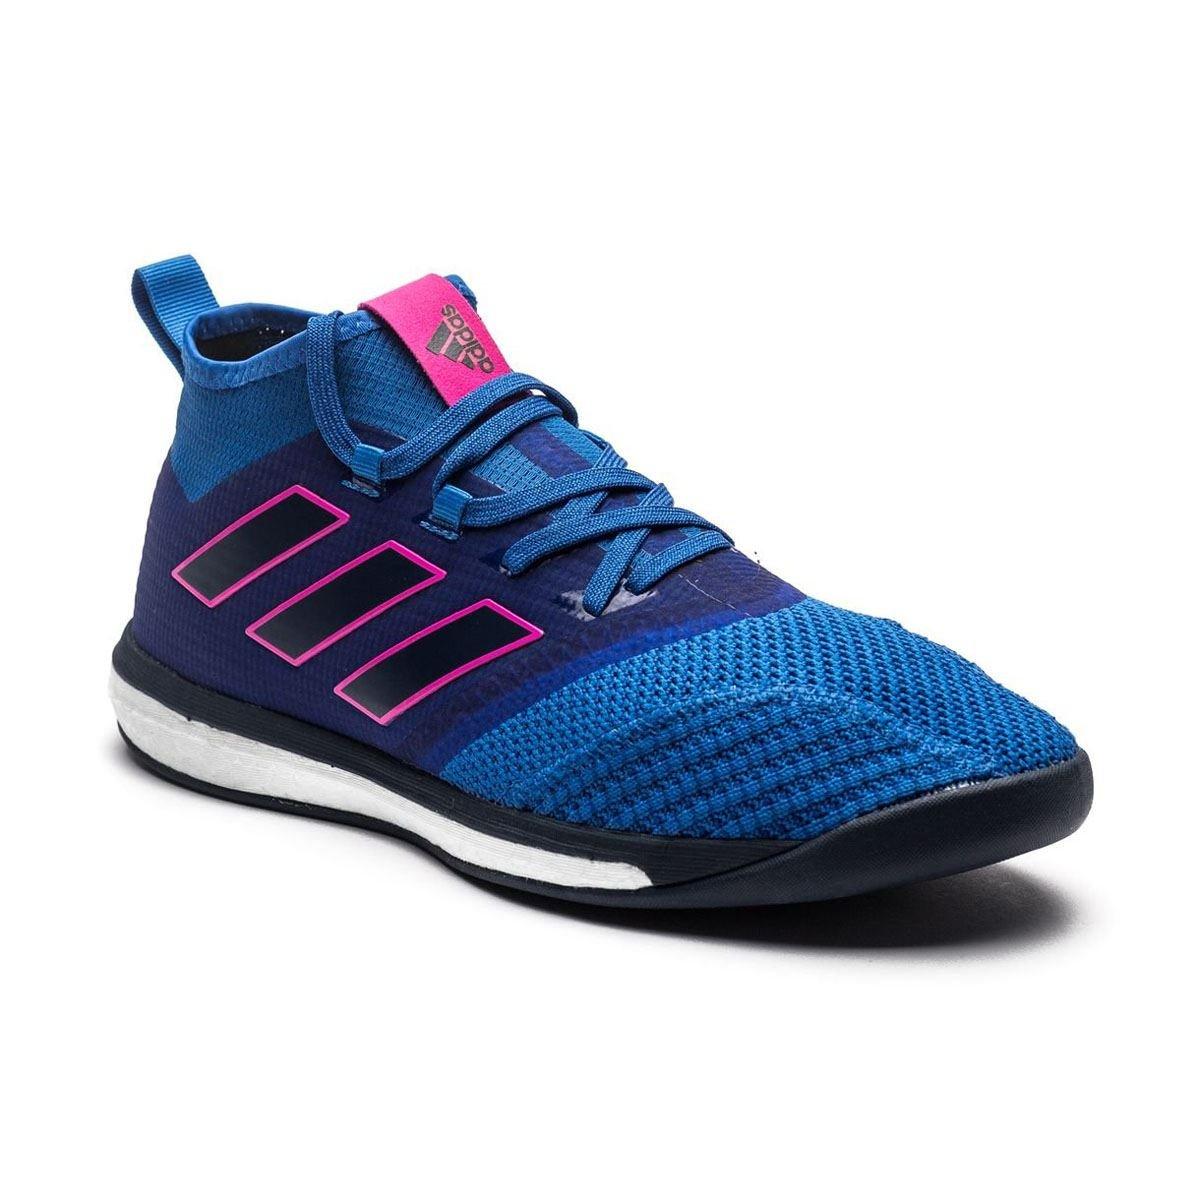 Adidas Herren Ace Tango 17.1 Tr für Fußballtrainingsschuhe